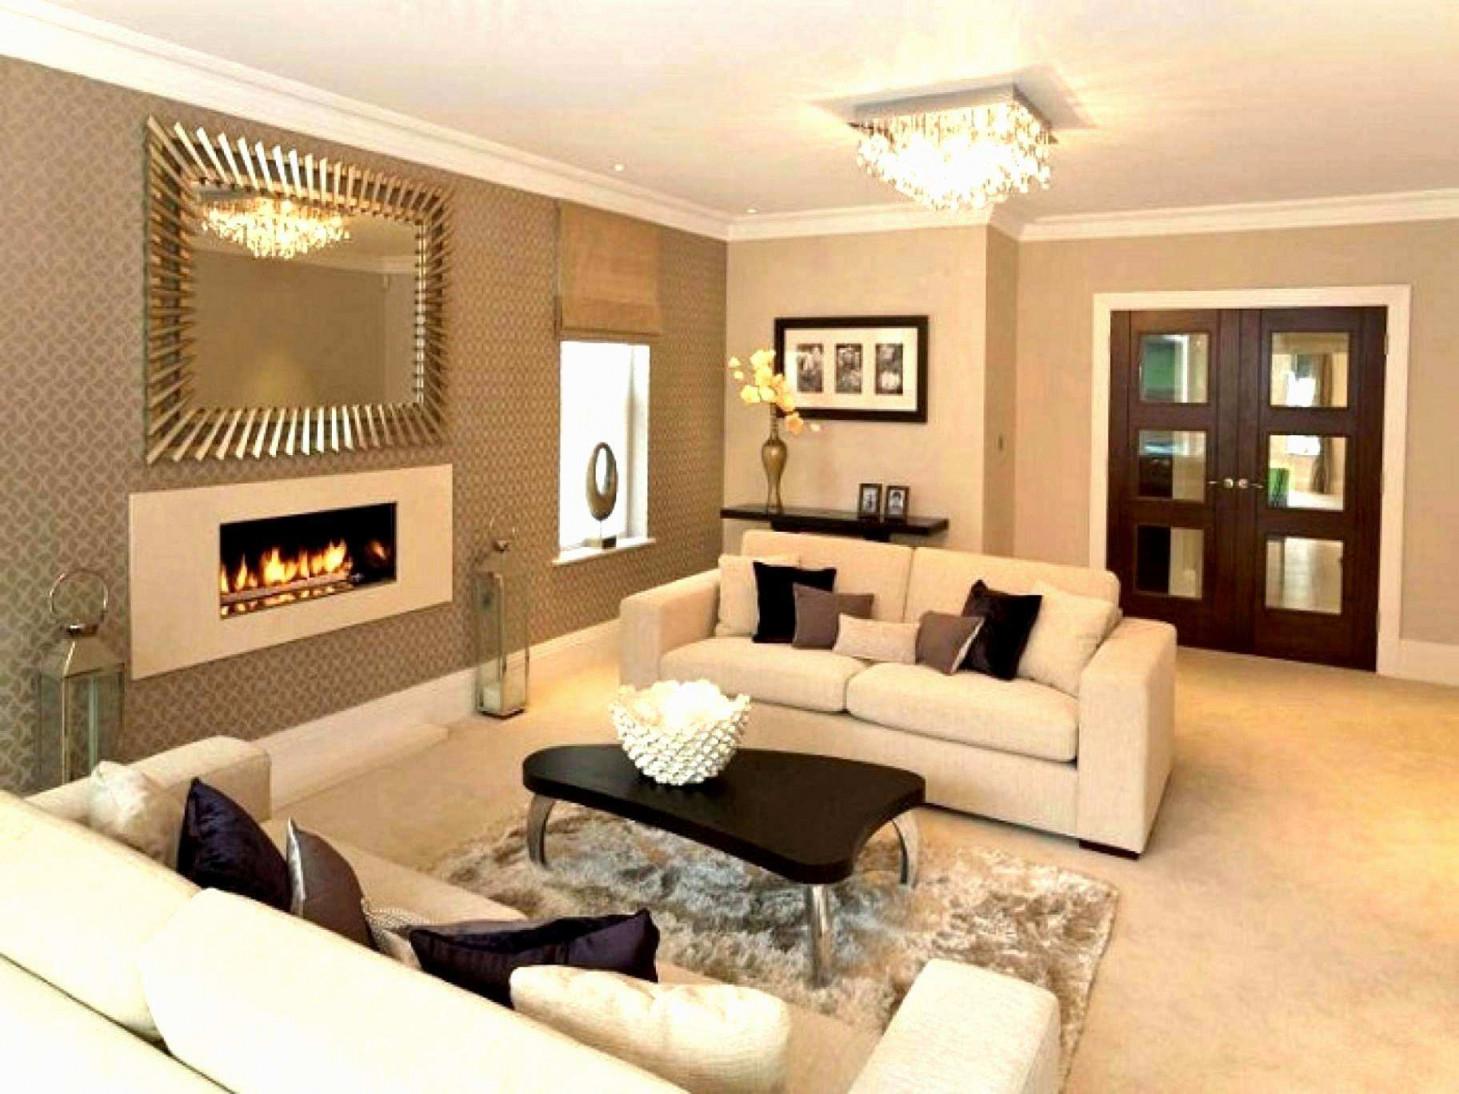 Wohnzimmer Neu Gestalten Luxus Fresh Wohnzimmer Neu von Wohnzimmer Neu Gestalten Ideen Photo